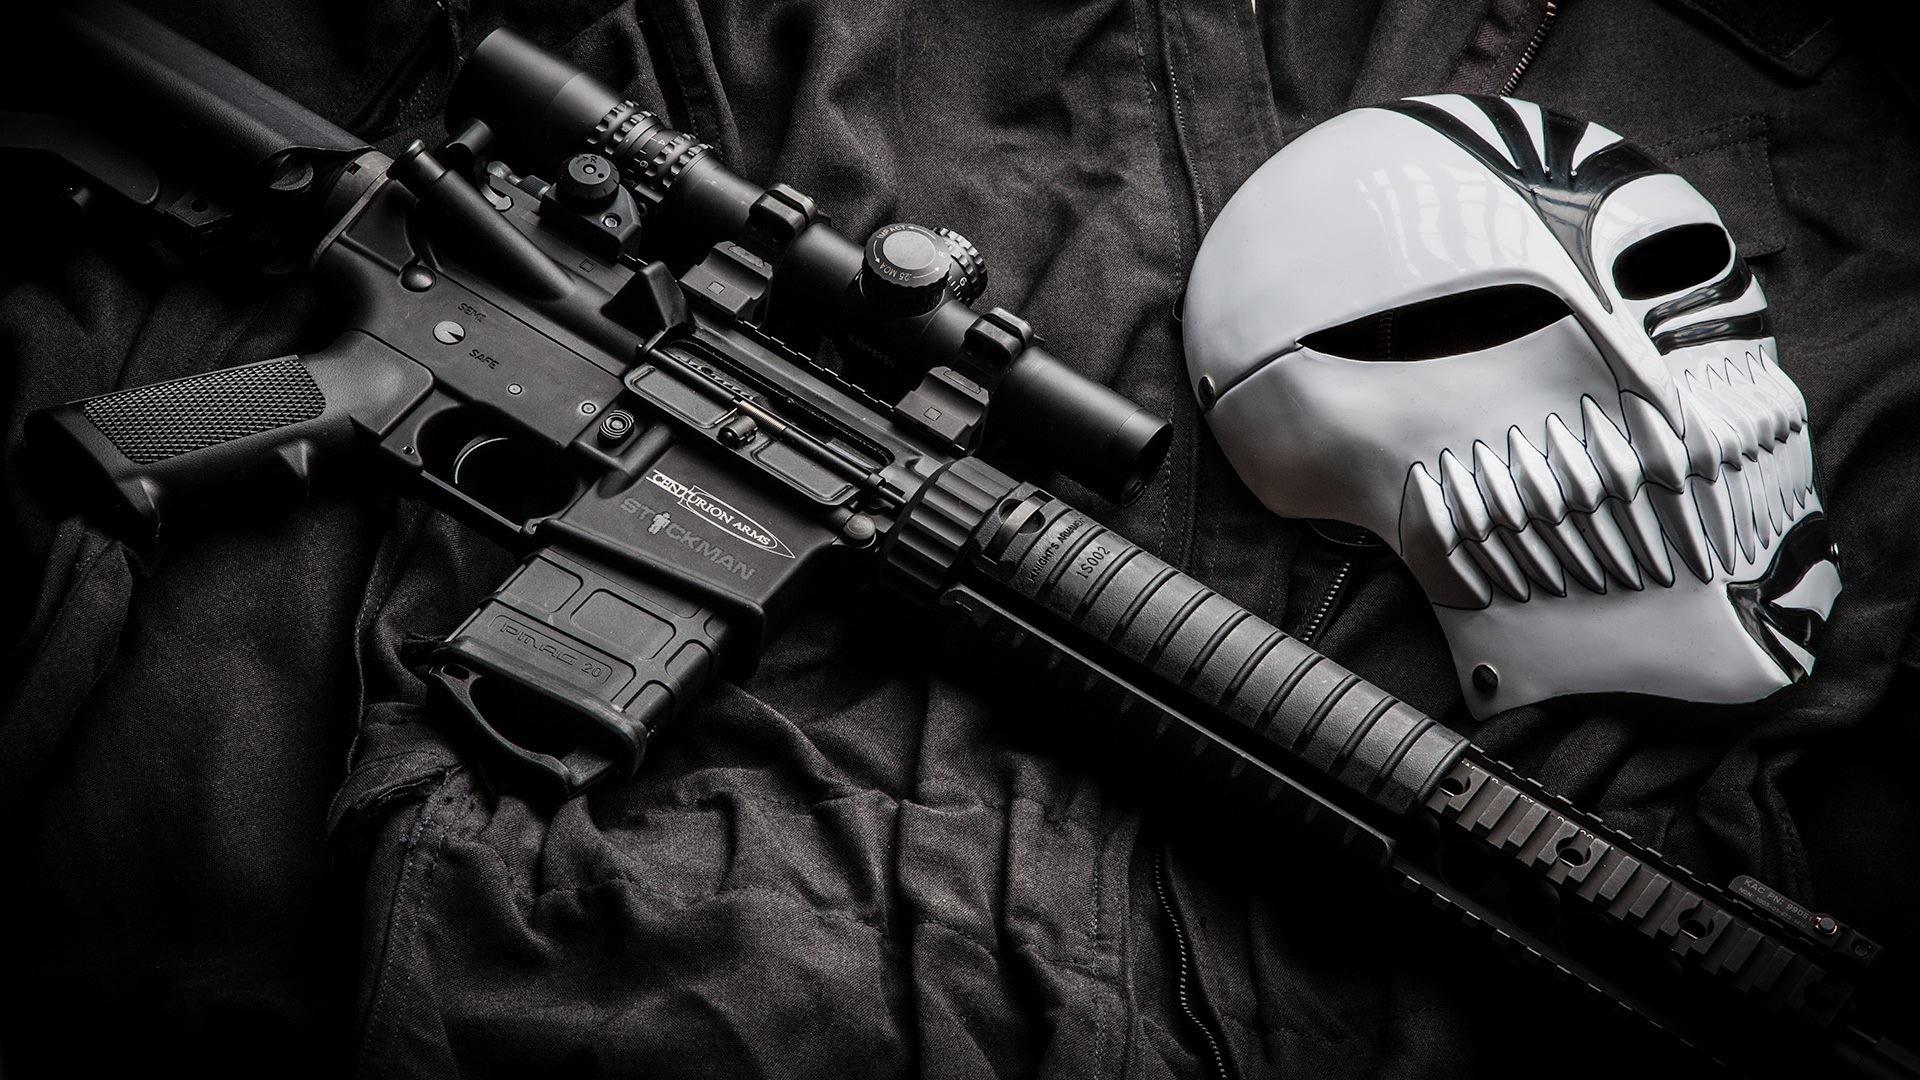 Gun Wallpaper Hd 256625